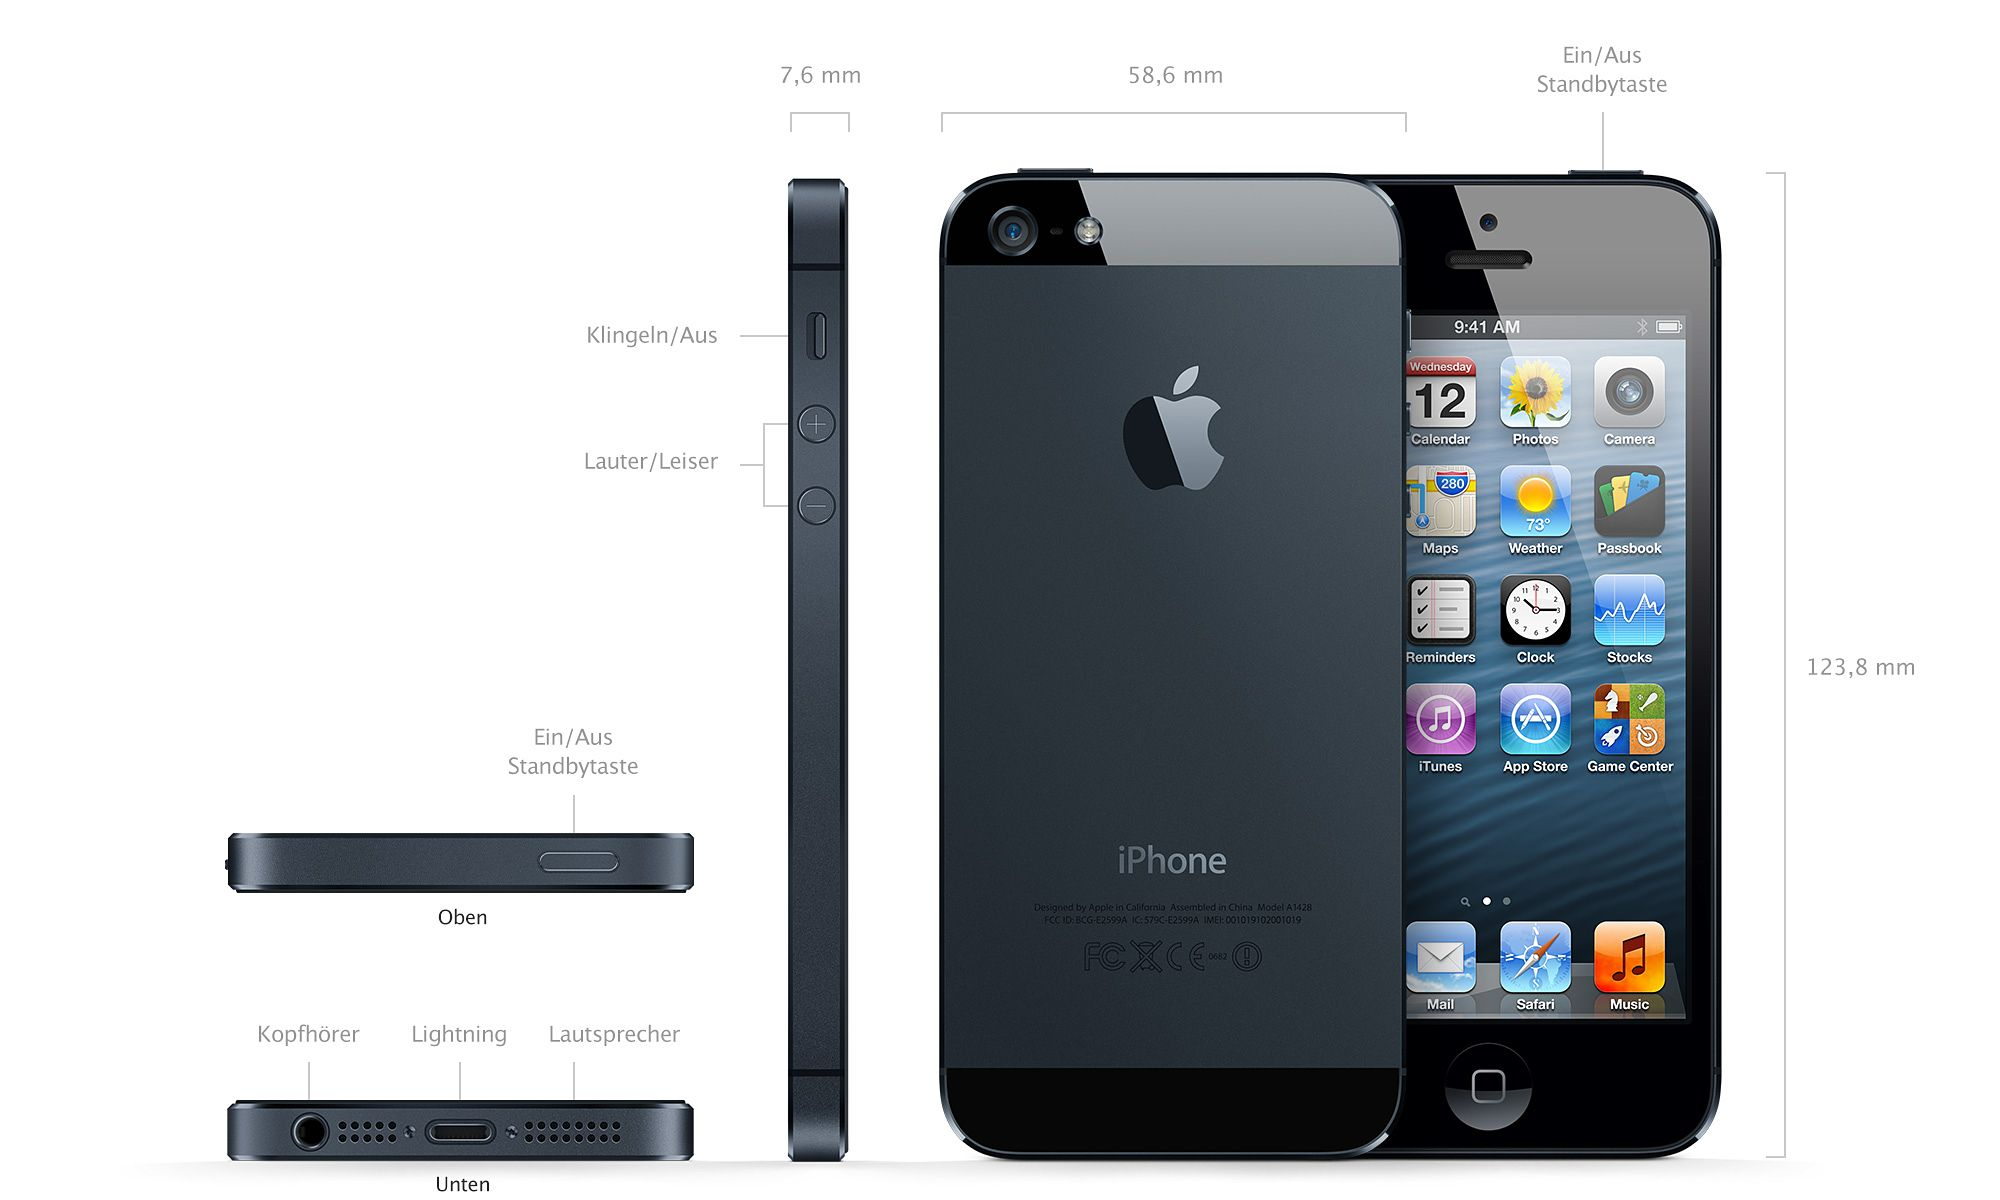 iphone 5s mit 5 zoll display und brandneuem design. Black Bedroom Furniture Sets. Home Design Ideas